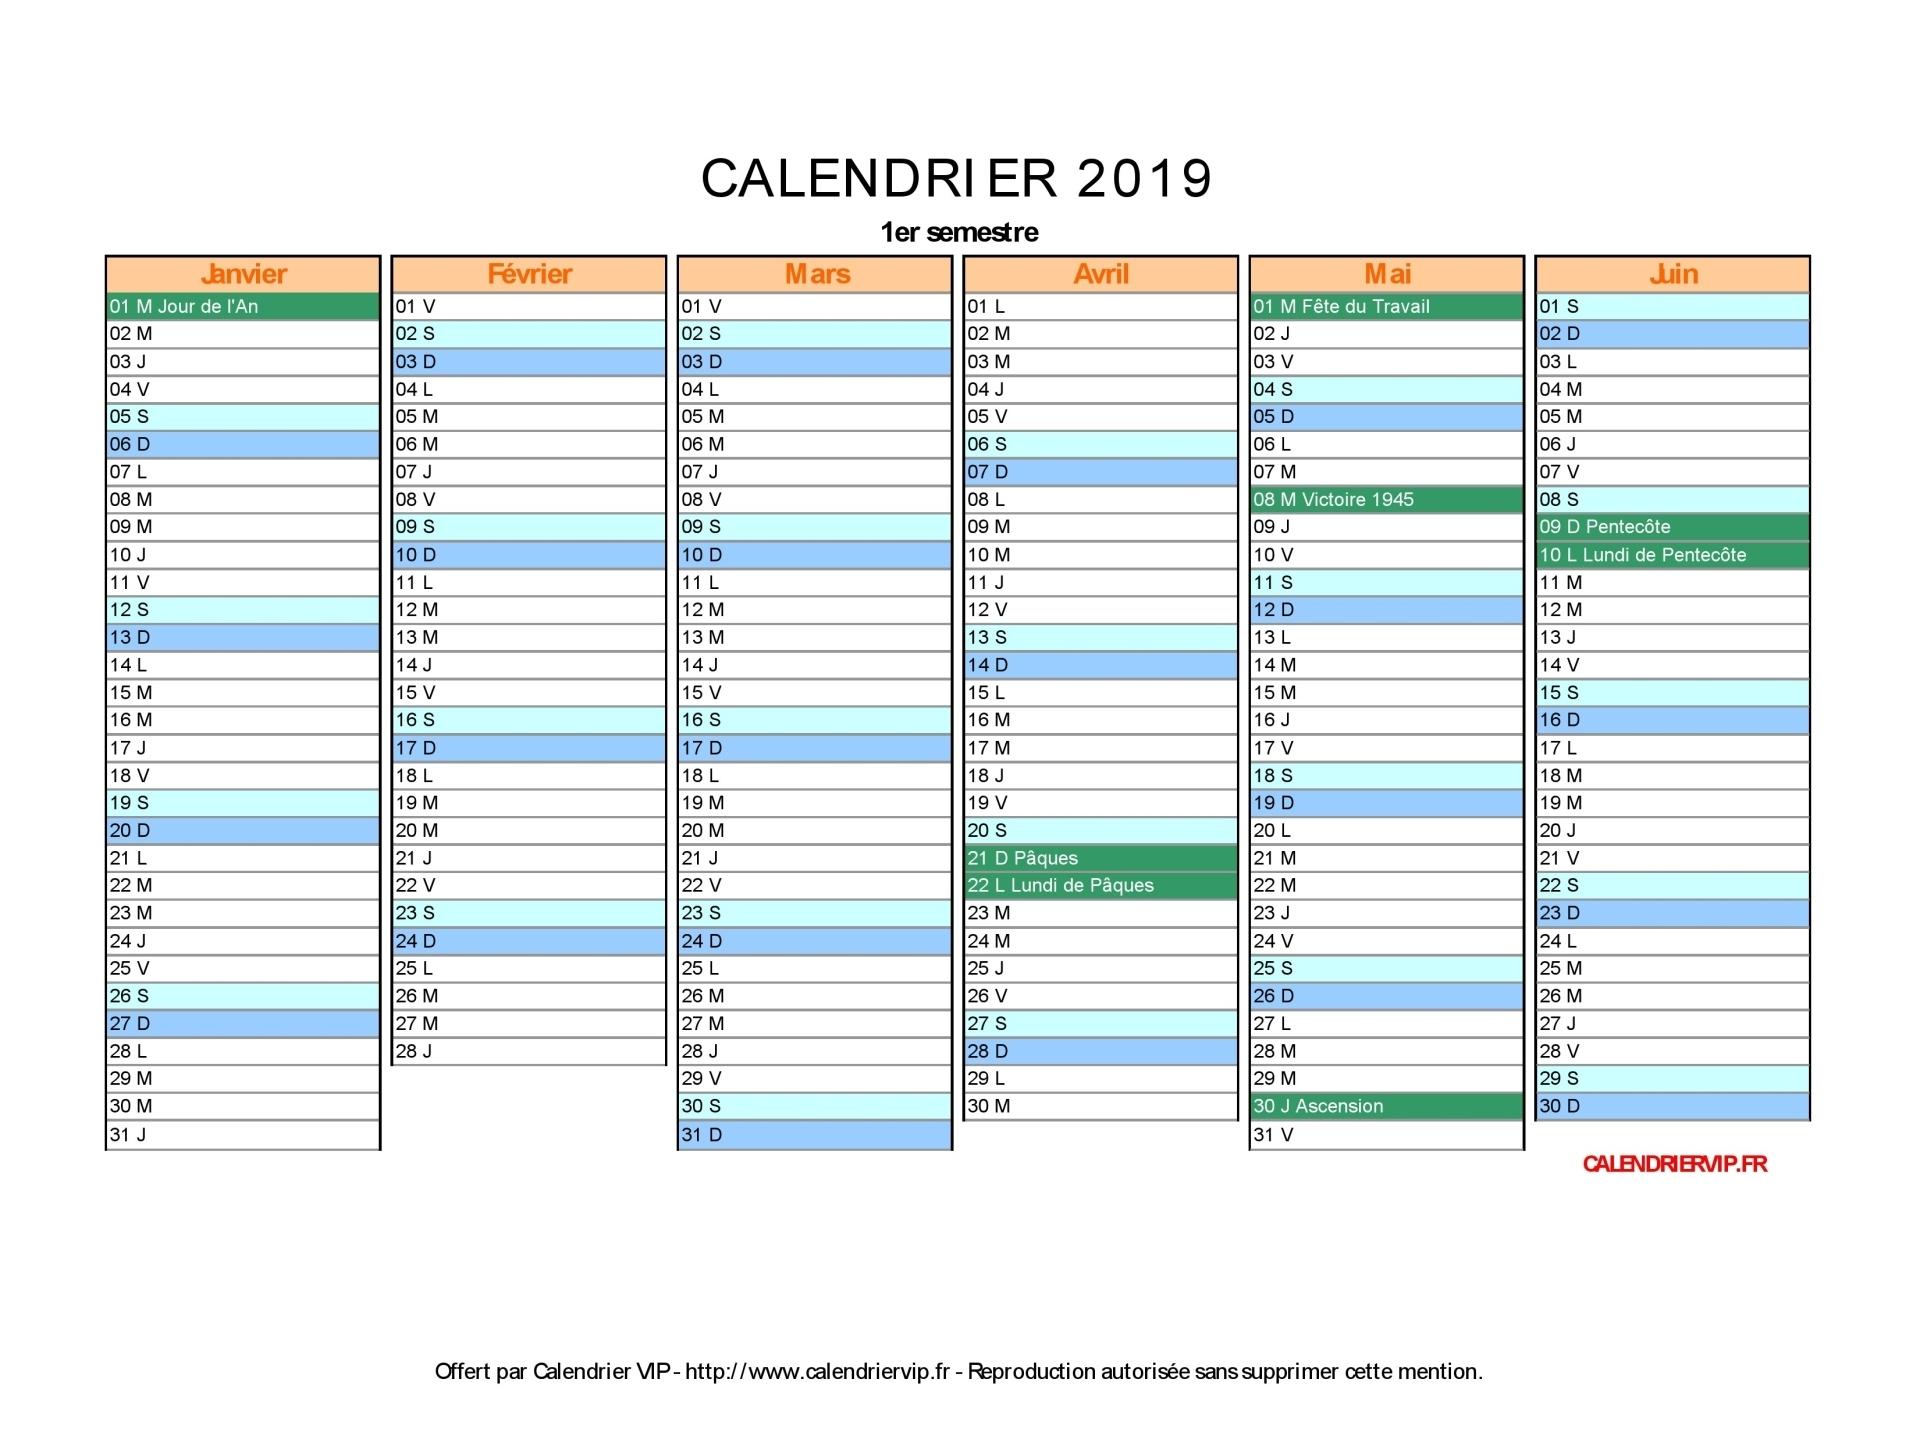 Calendrier 2019 À Imprimer Gratuit En Pdf Et Excel pour Calendrier 2018 Avec Jours Fériés Vacances Scolaires À Imprimer